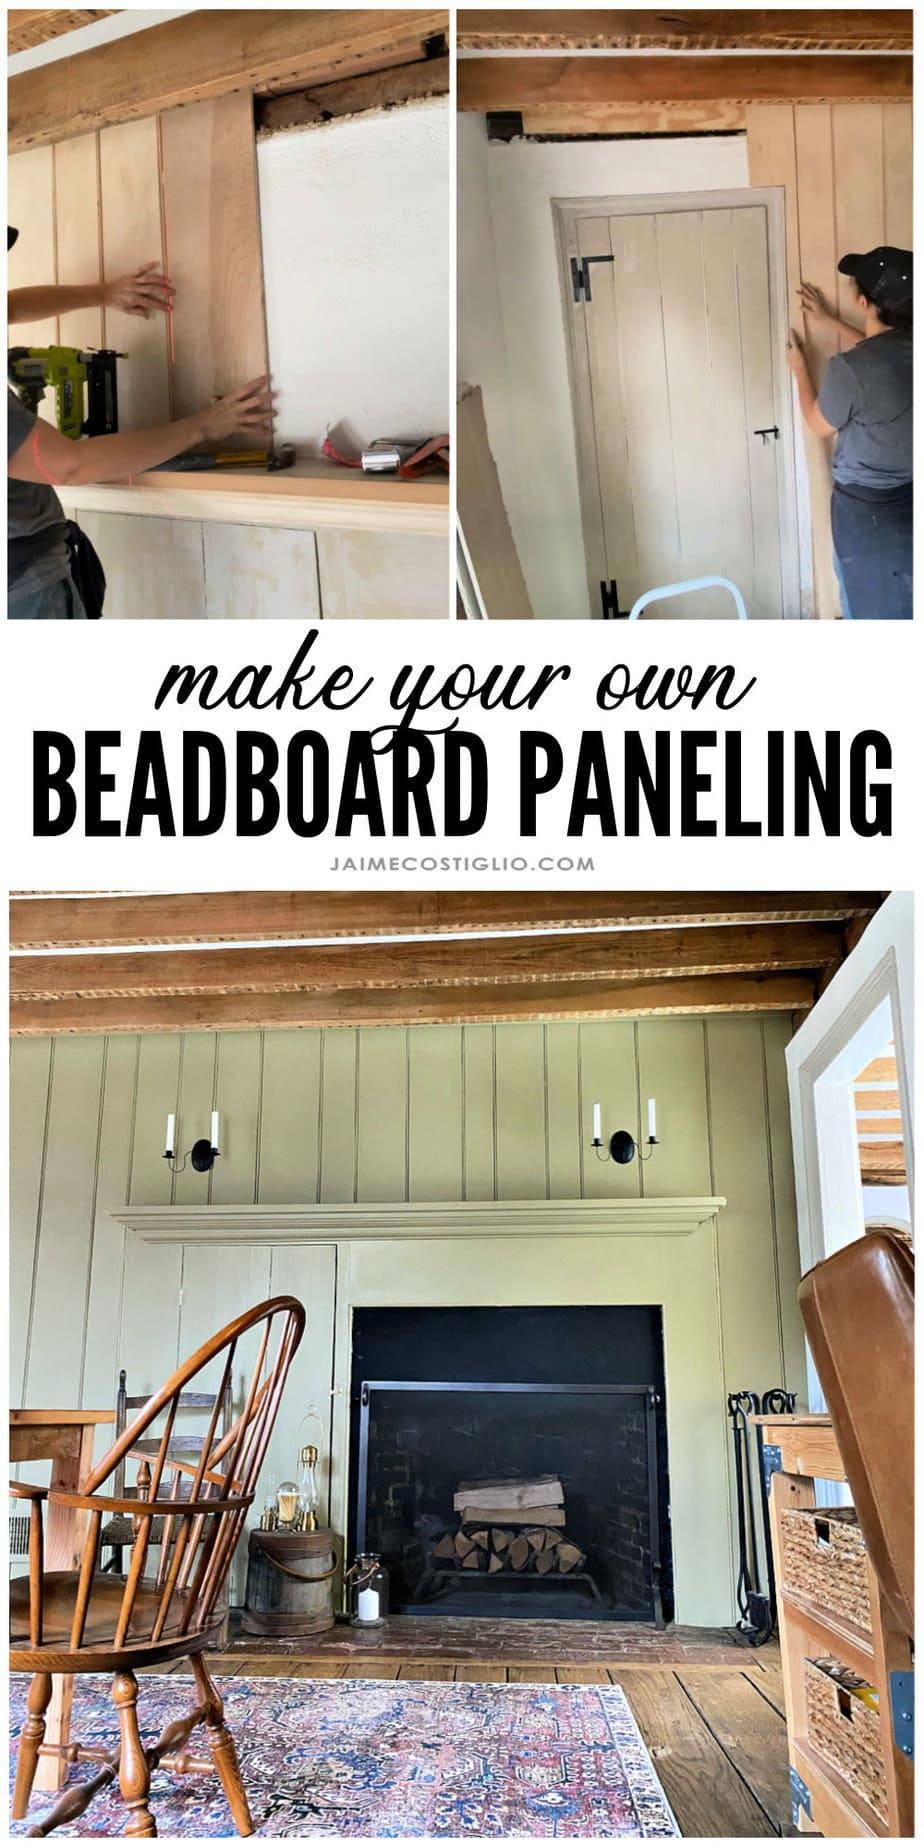 Diy beadboard wall treatment